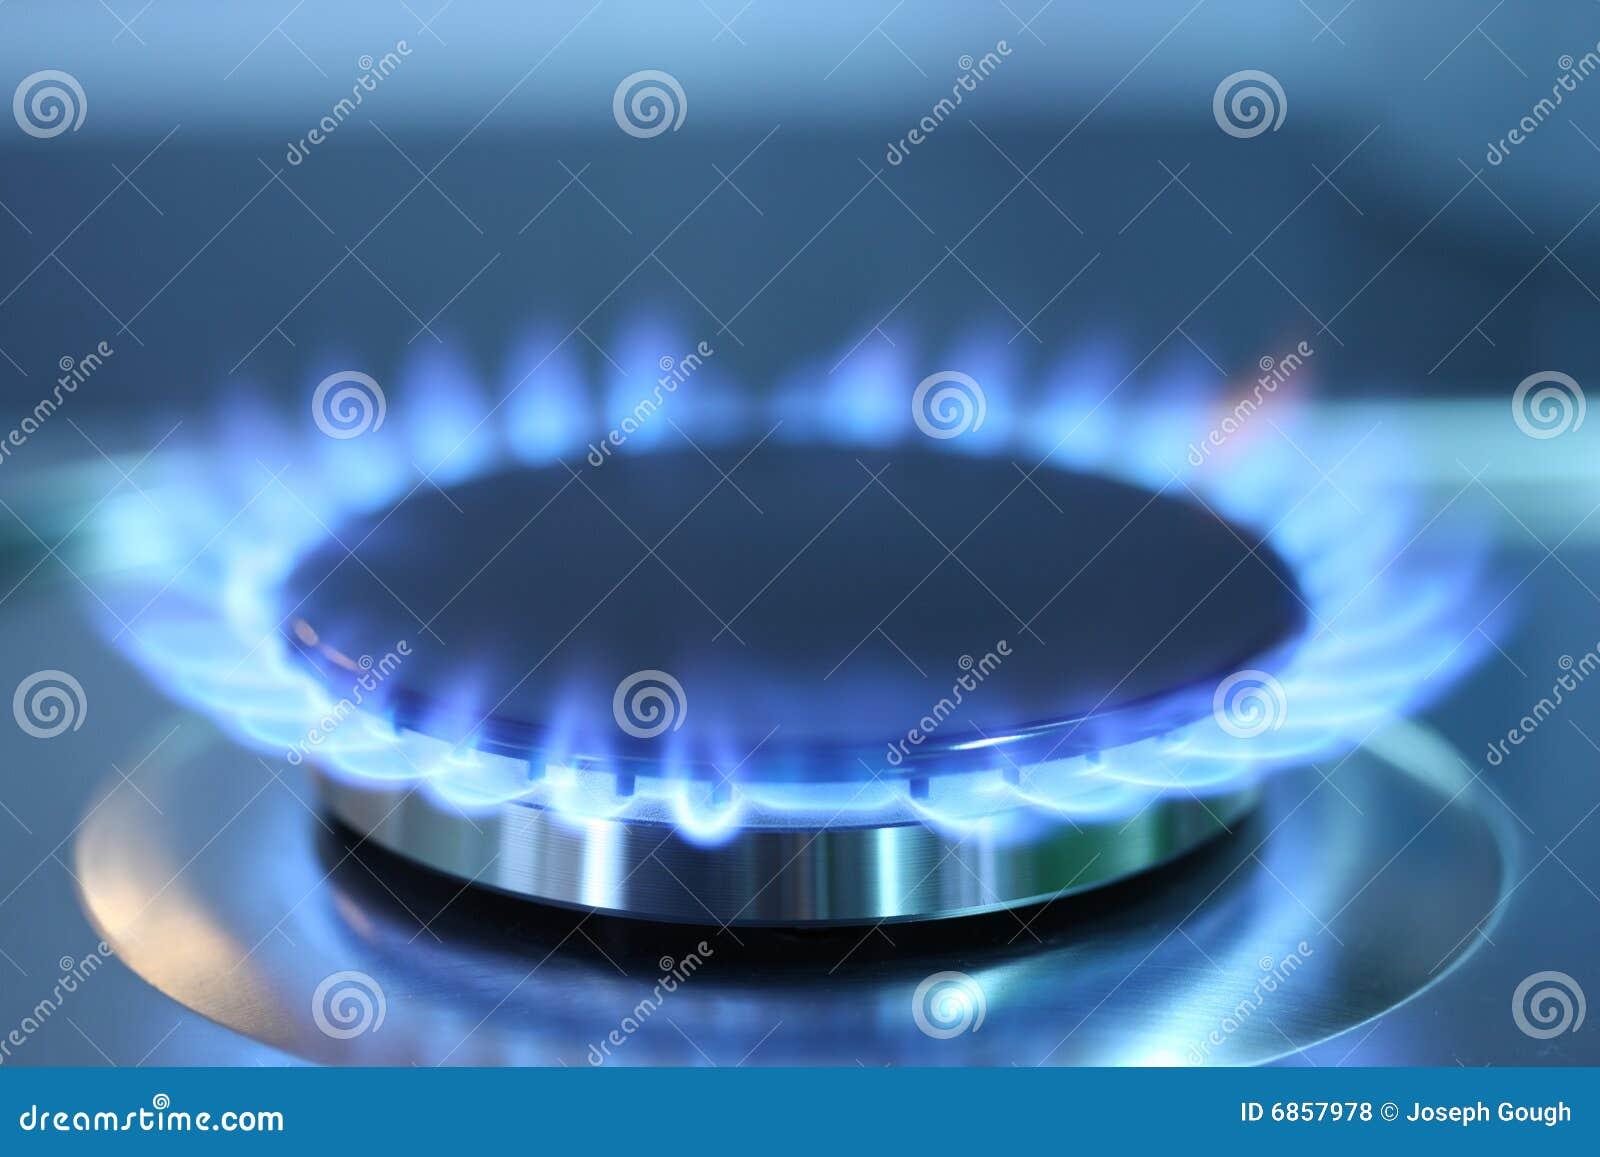 Gasbrenner flamme lizenzfreie stockfotos bild 6857978 for Gasbrenner küche